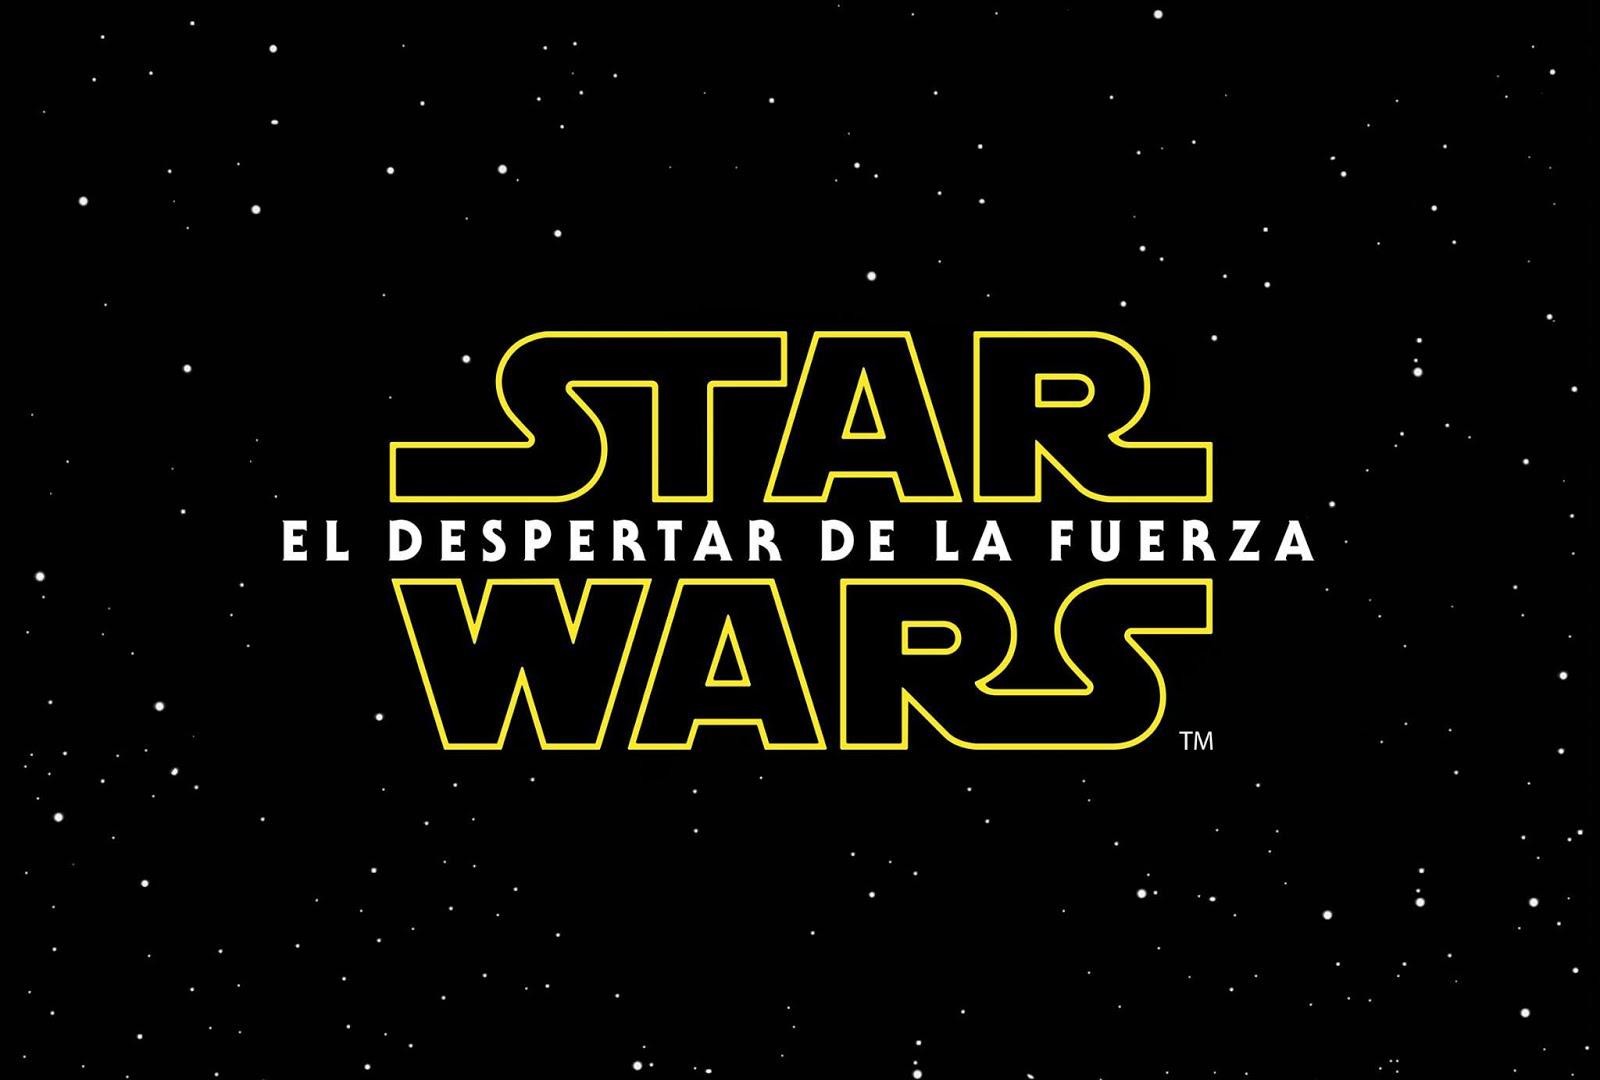 DESCARGAR GRATIS la película STAR WARS Episodio 7 El despertar de la Fuerza en HD